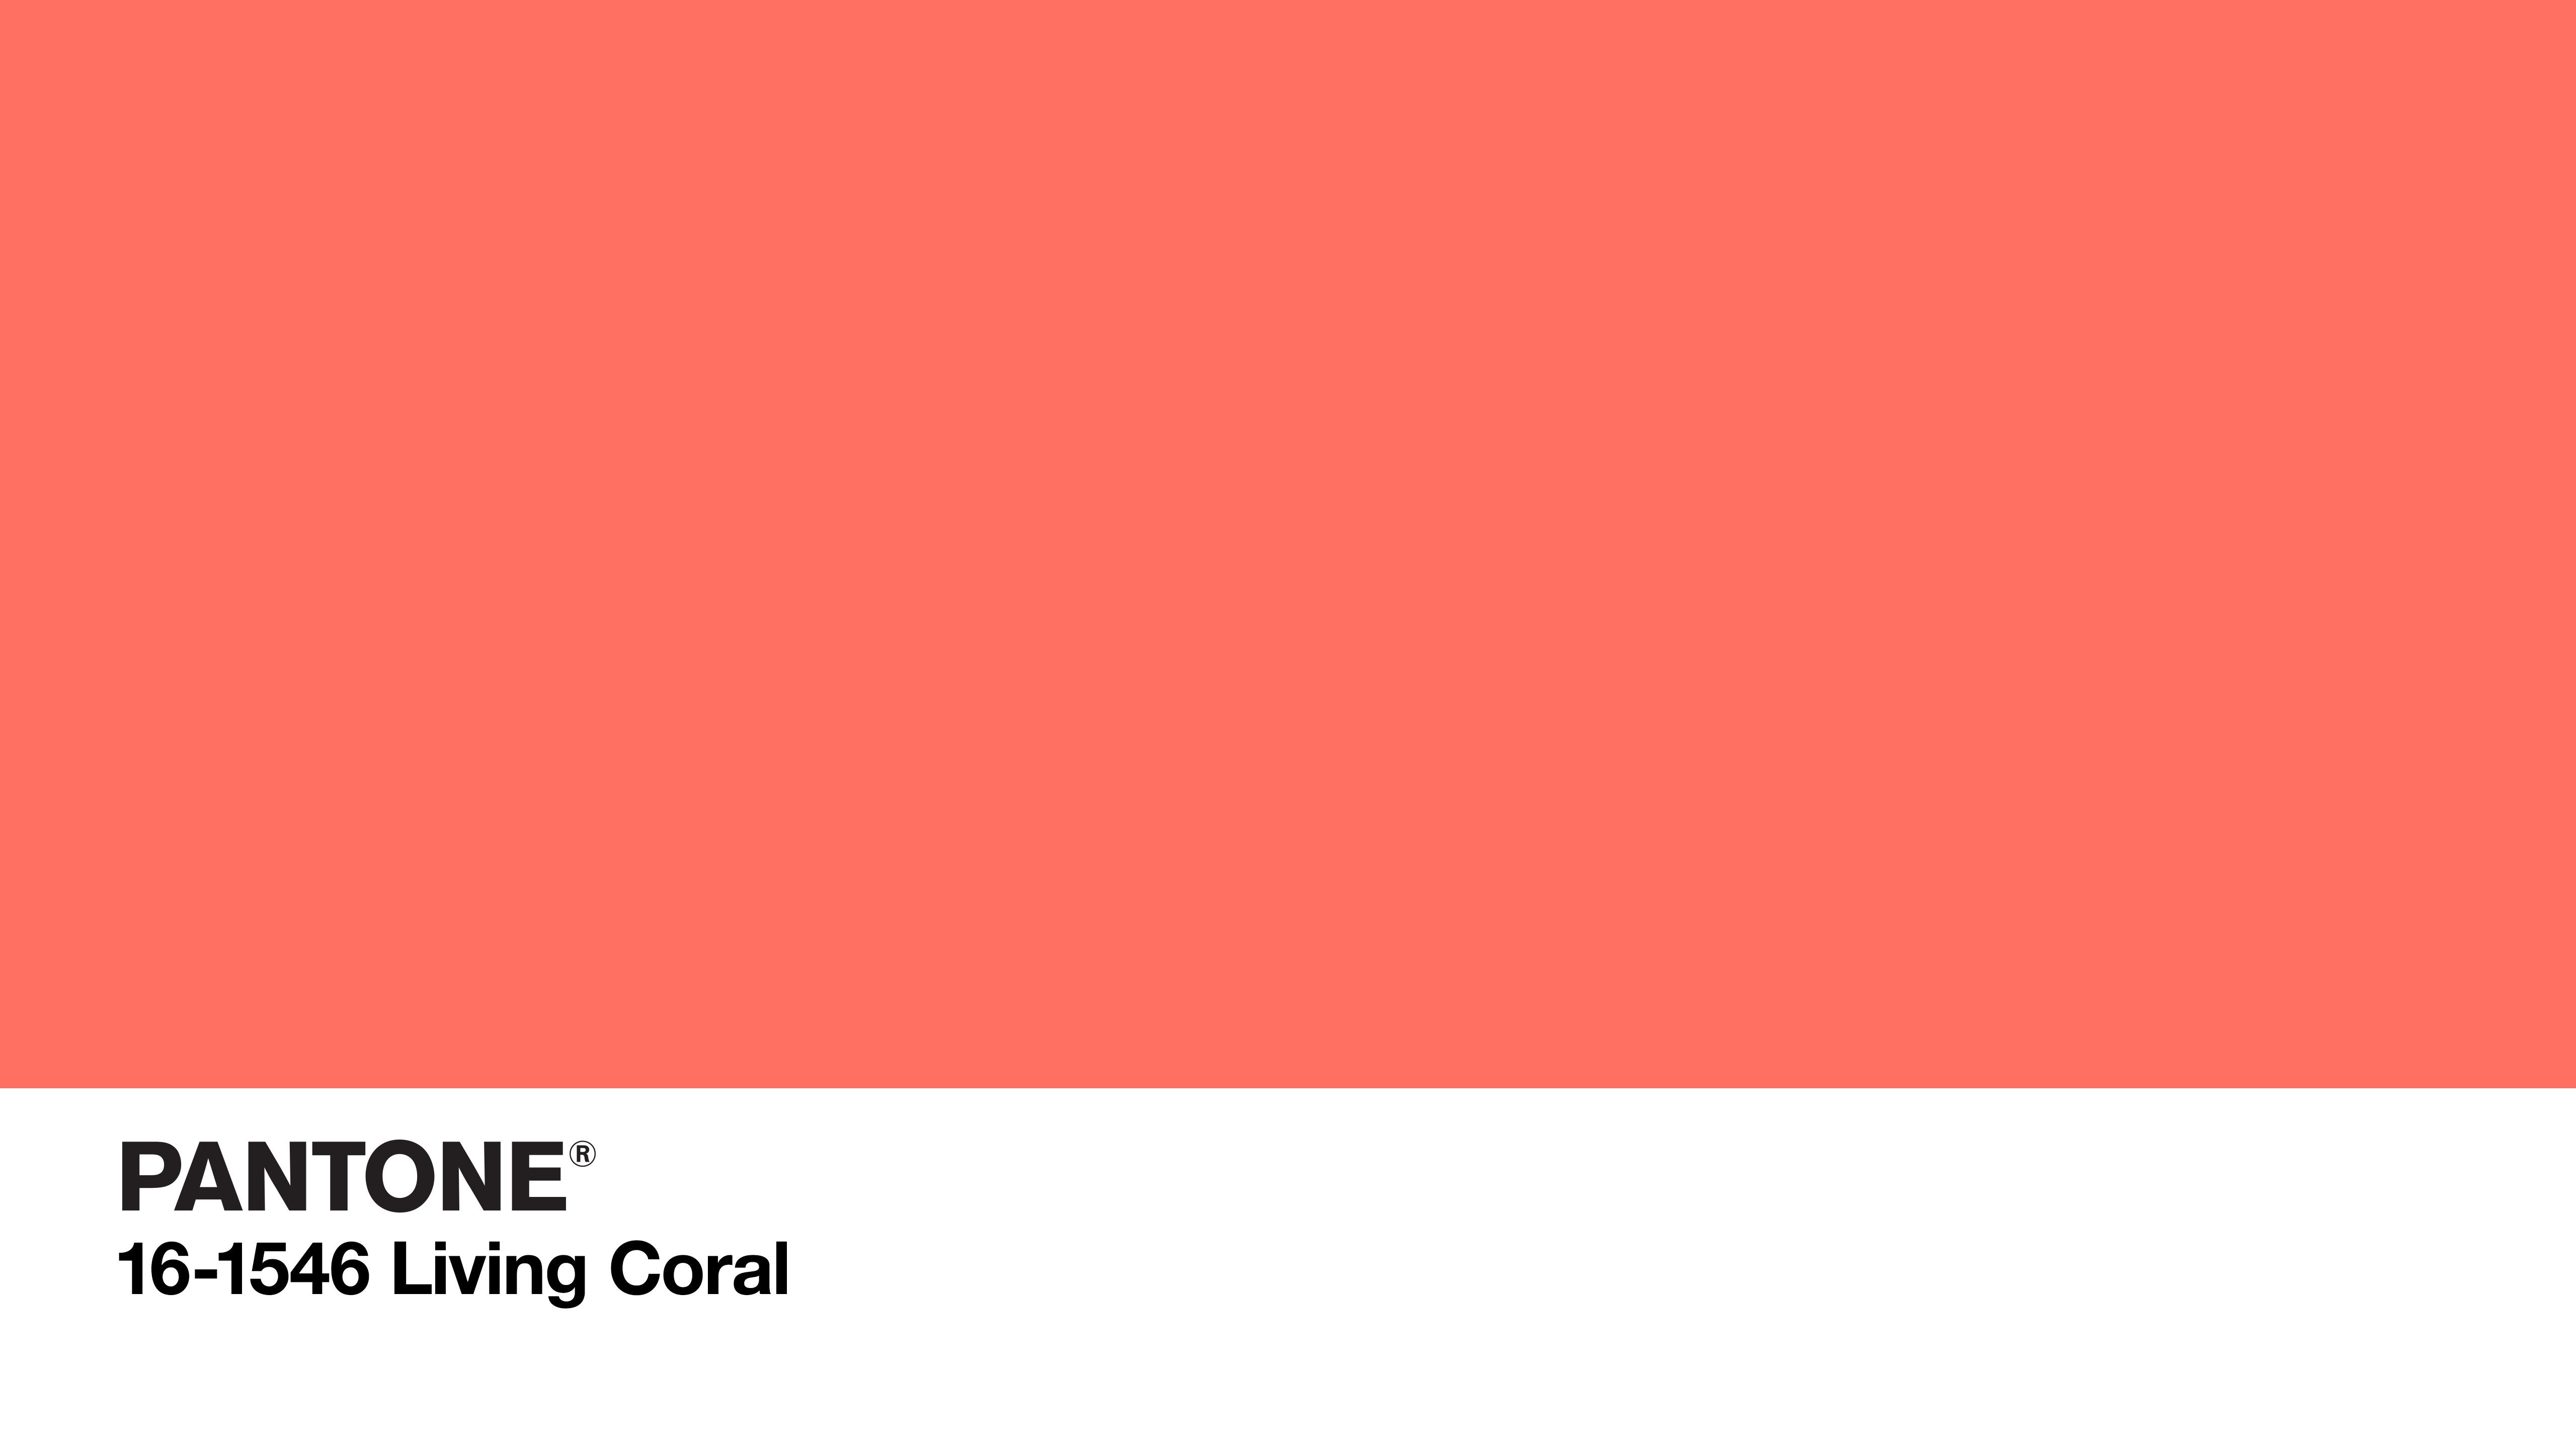 Sfondi Colorato Rosa Corallo Logo Tinta Unita Codici Colore